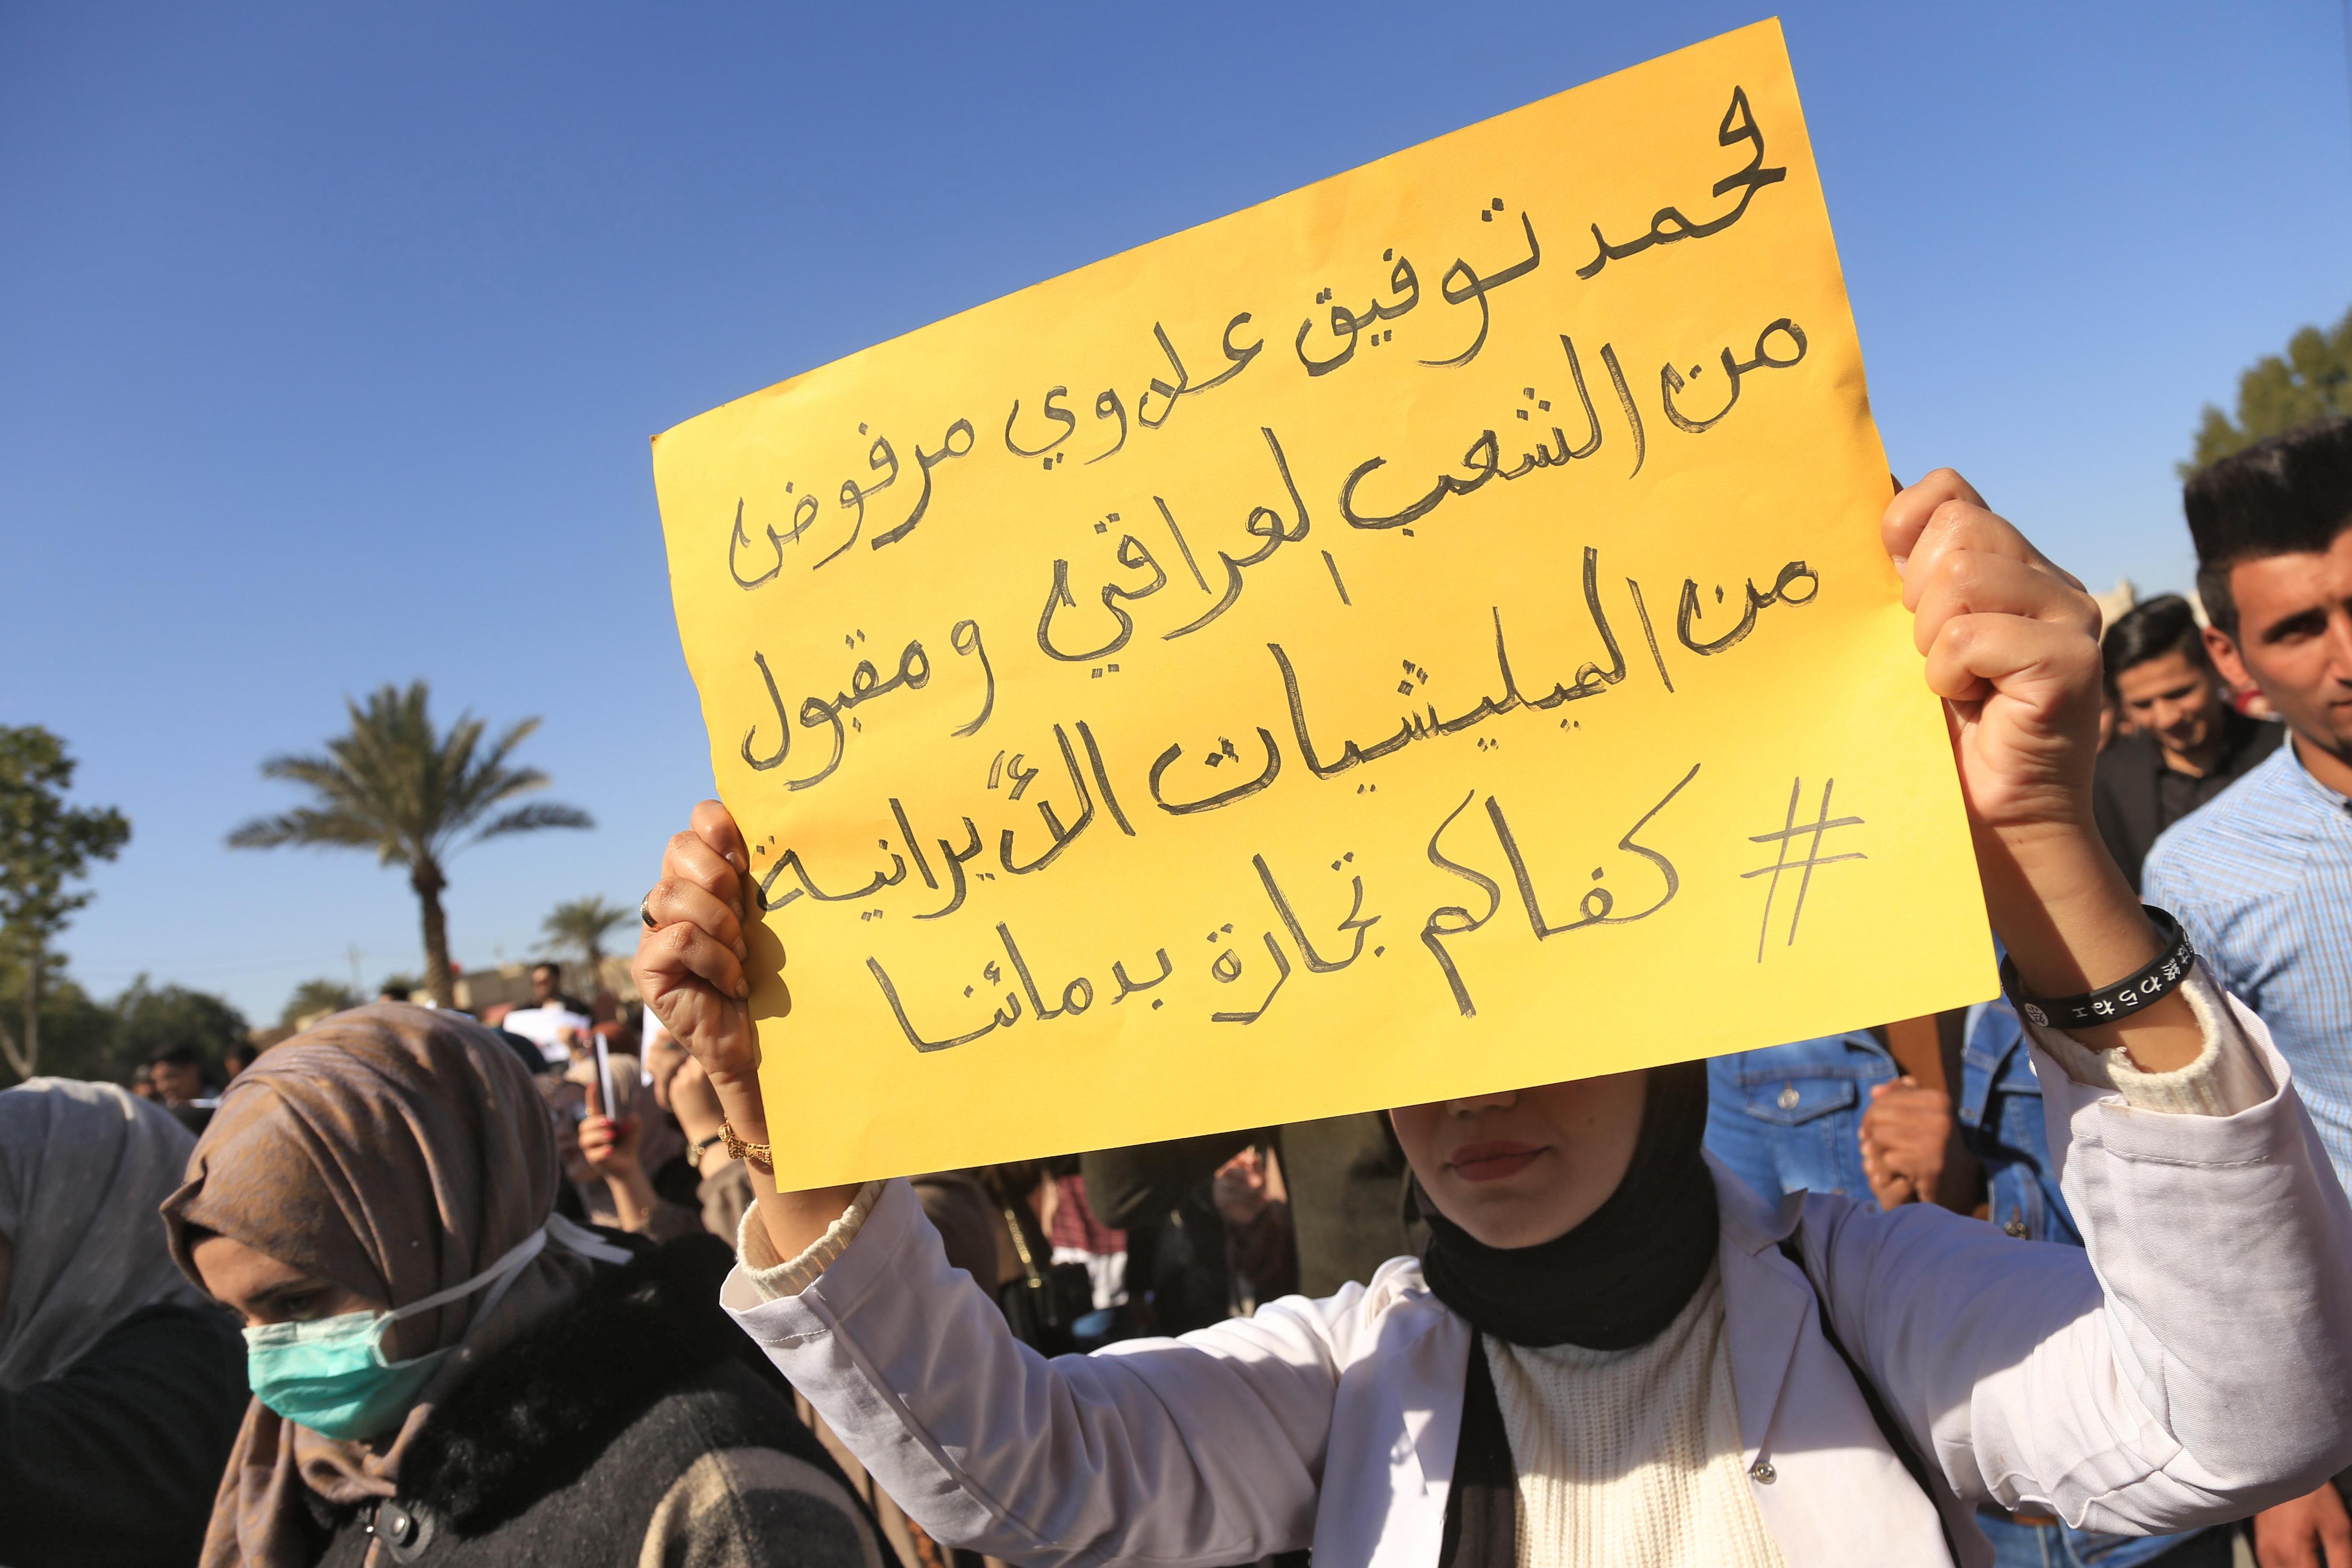 شعارات رافضة لعلاوي وتتهمه بالتبعية للميليشيات الإيرانية